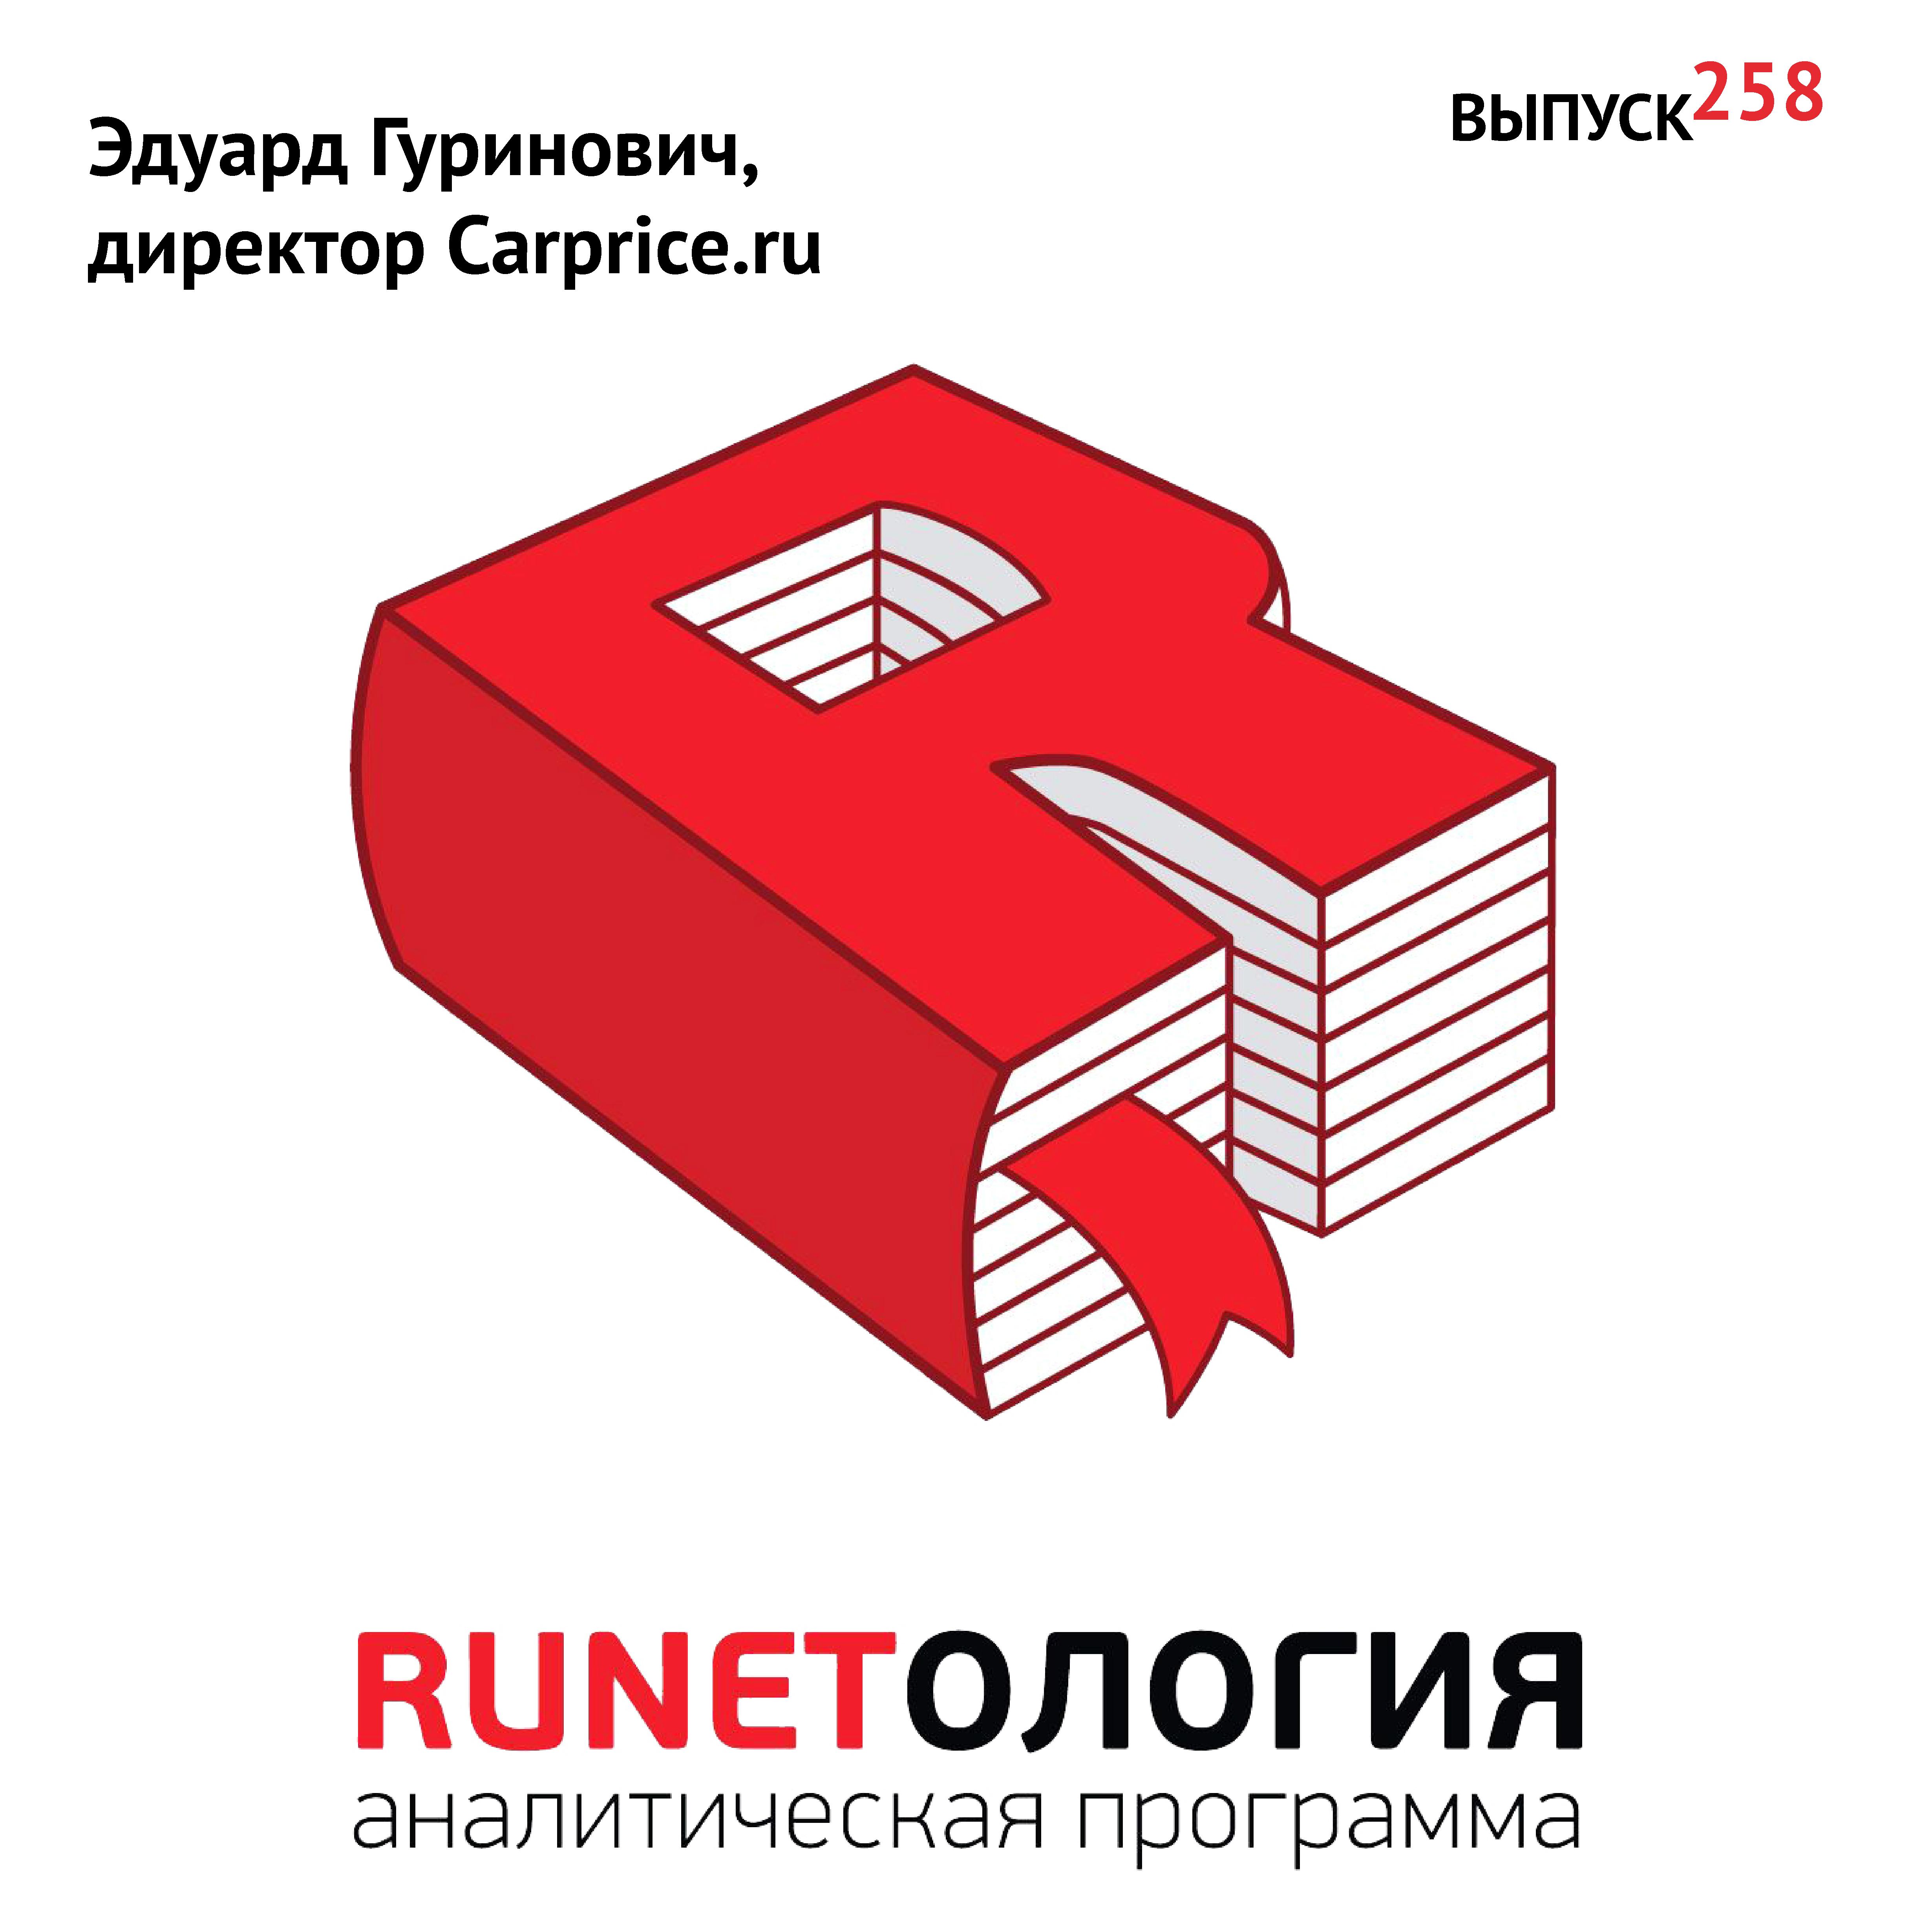 Максим Спиридонов Эдуард Гуринович, директор Carprice.ru